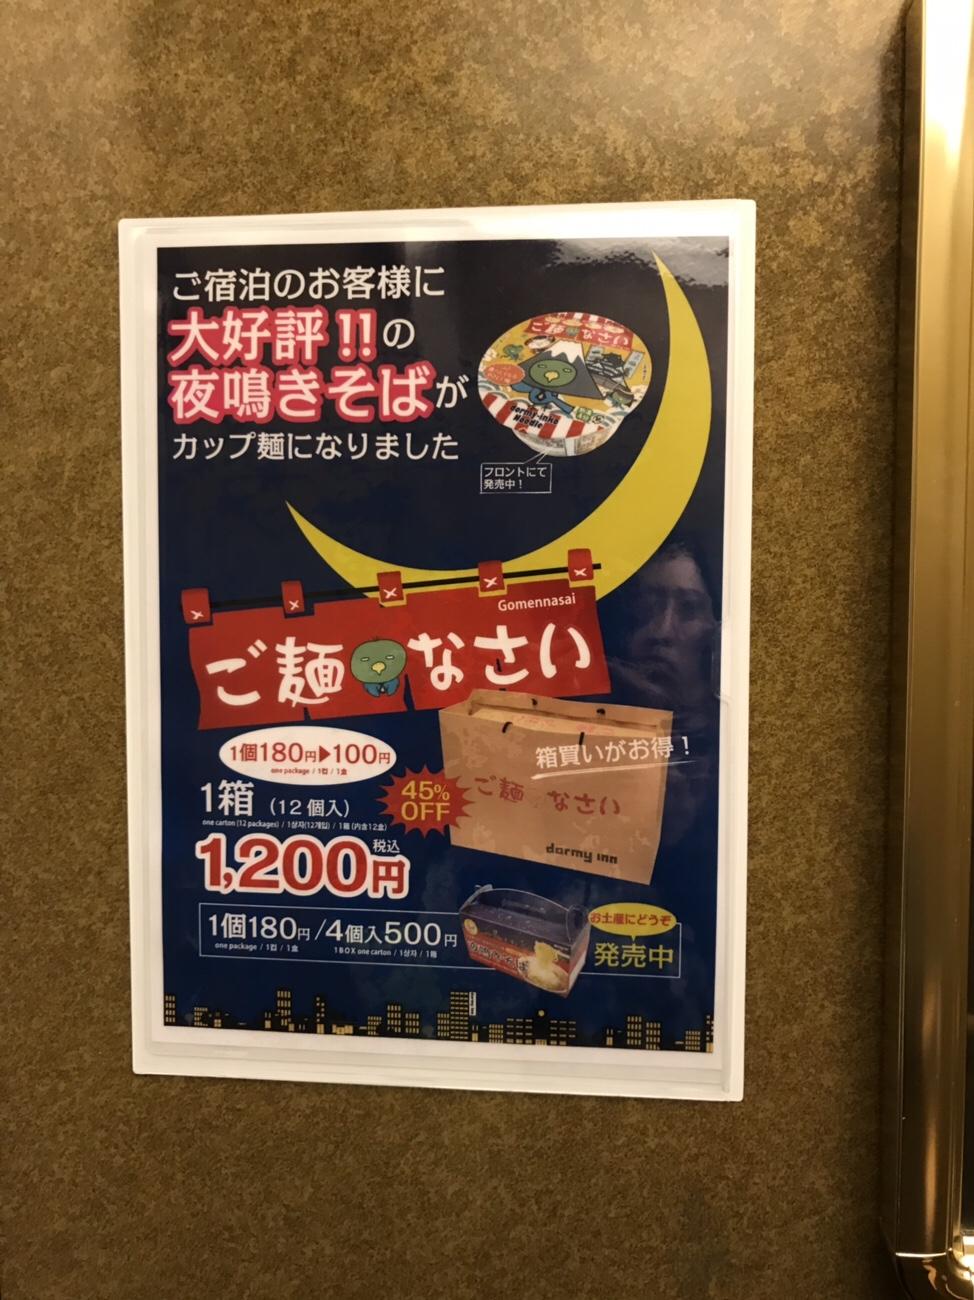 ドーミーイン夜鳴きそばカップ麺